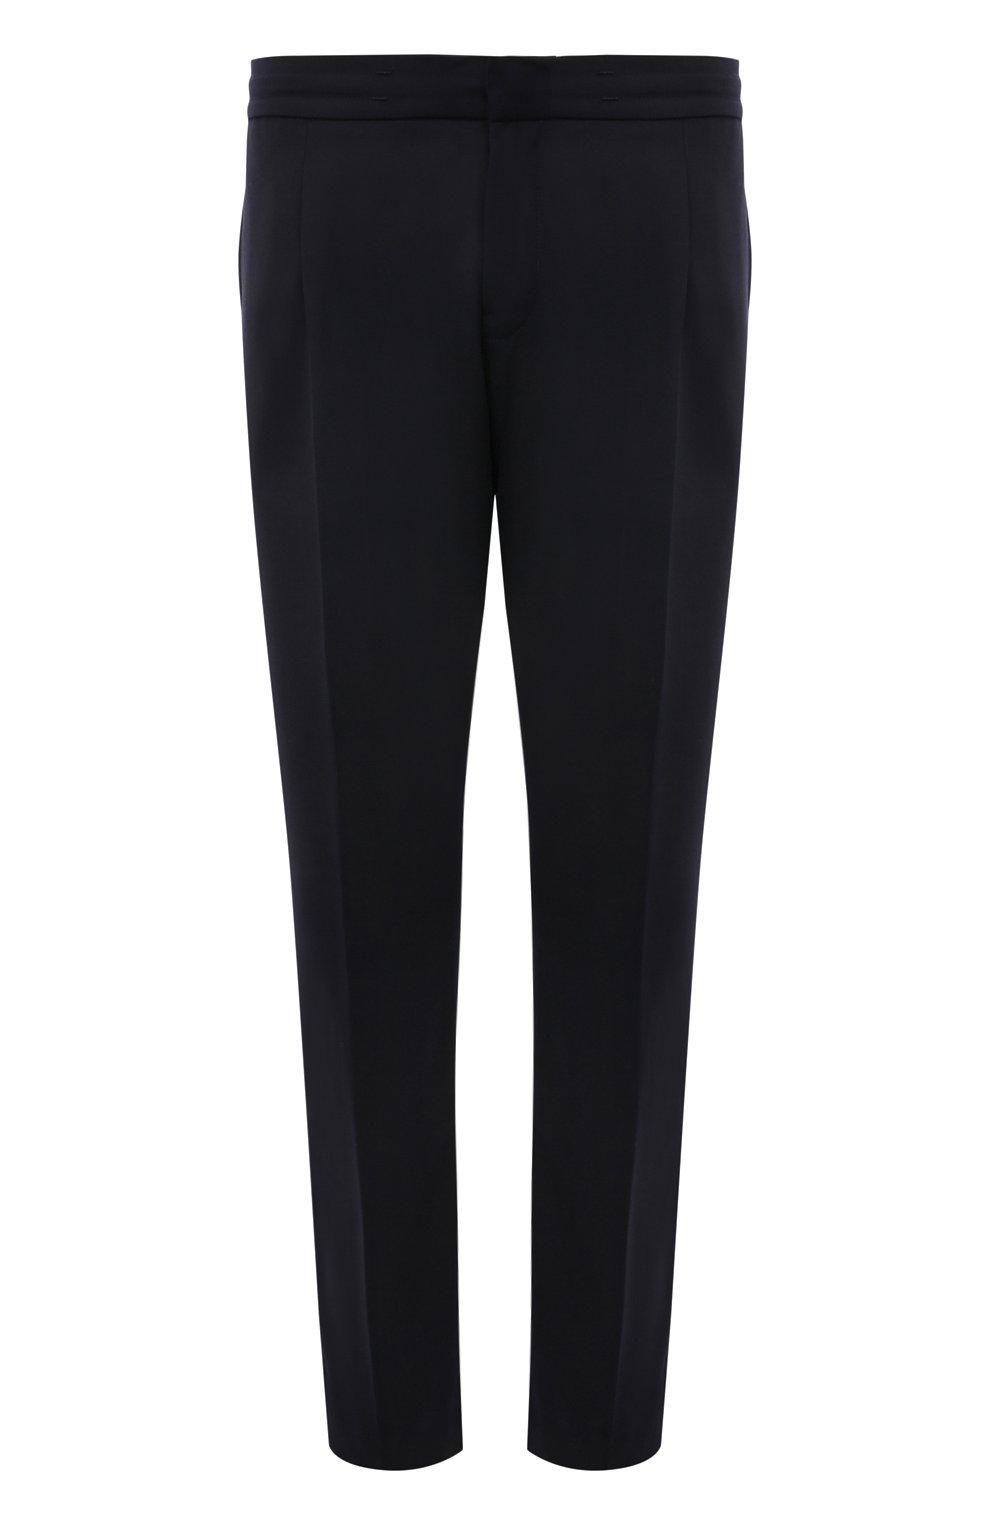 Мужские брюки BOGNER темно-синего цвета, арт. 18483283   Фото 1 (Материал внешний: Шерсть, Синтетический материал; Длина (брюки, джинсы): Стандартные; Случай: Повседневный; Материал подклада: Синтетический материал; Стили: Кэжуэл)